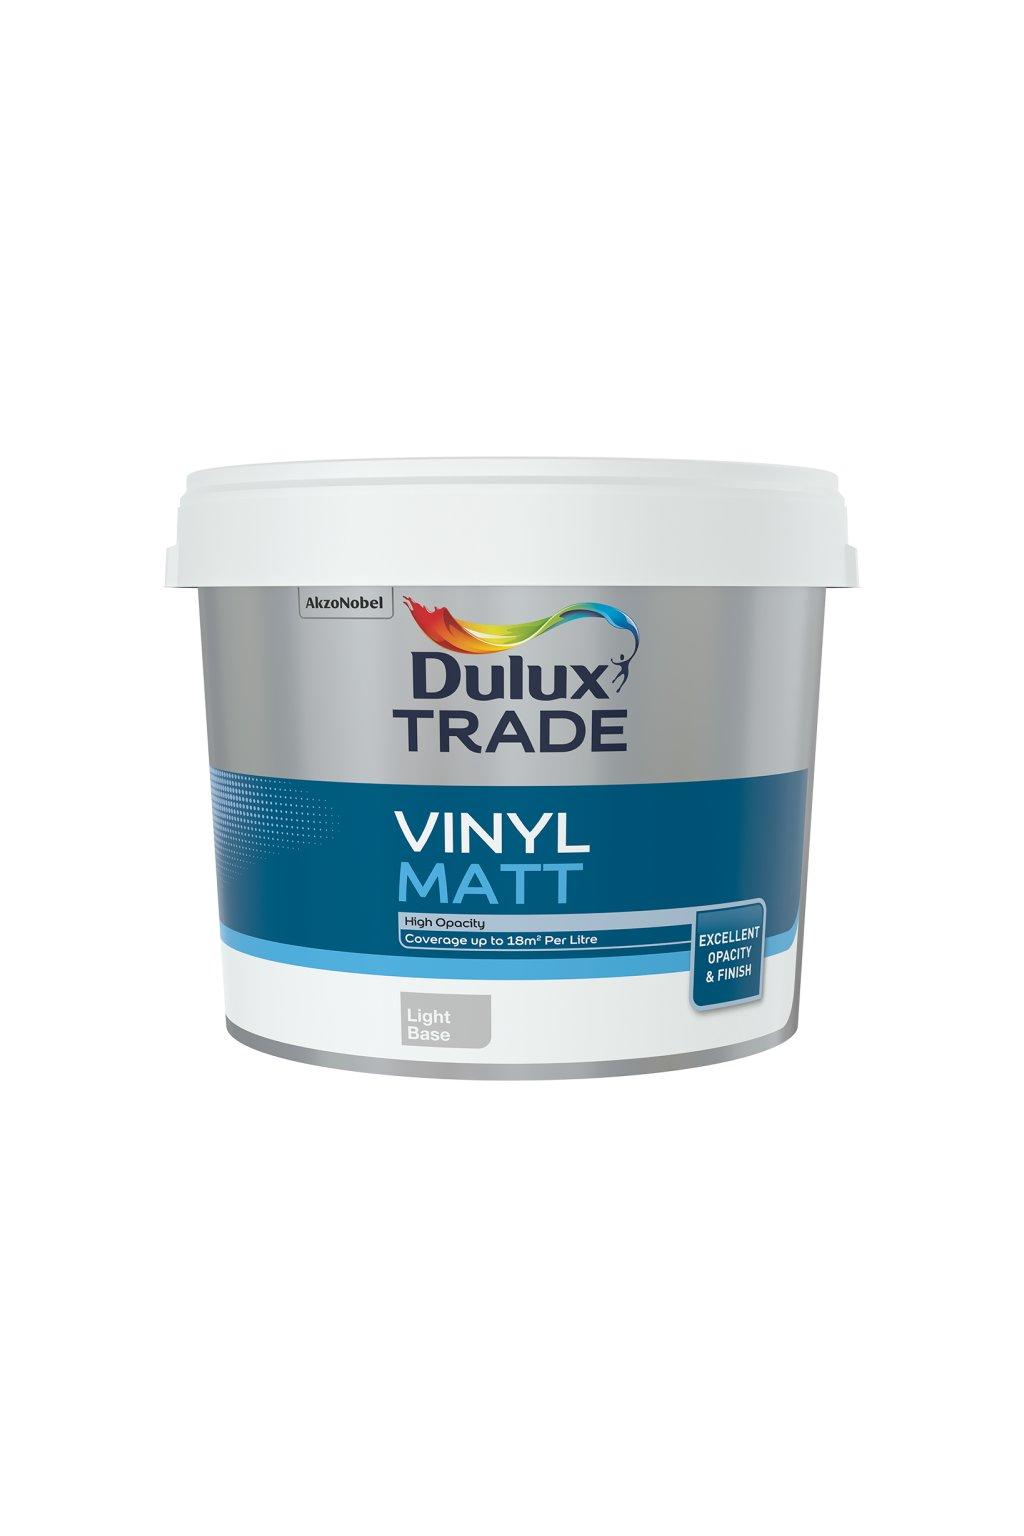 DU vinyl matt 5L sRGB